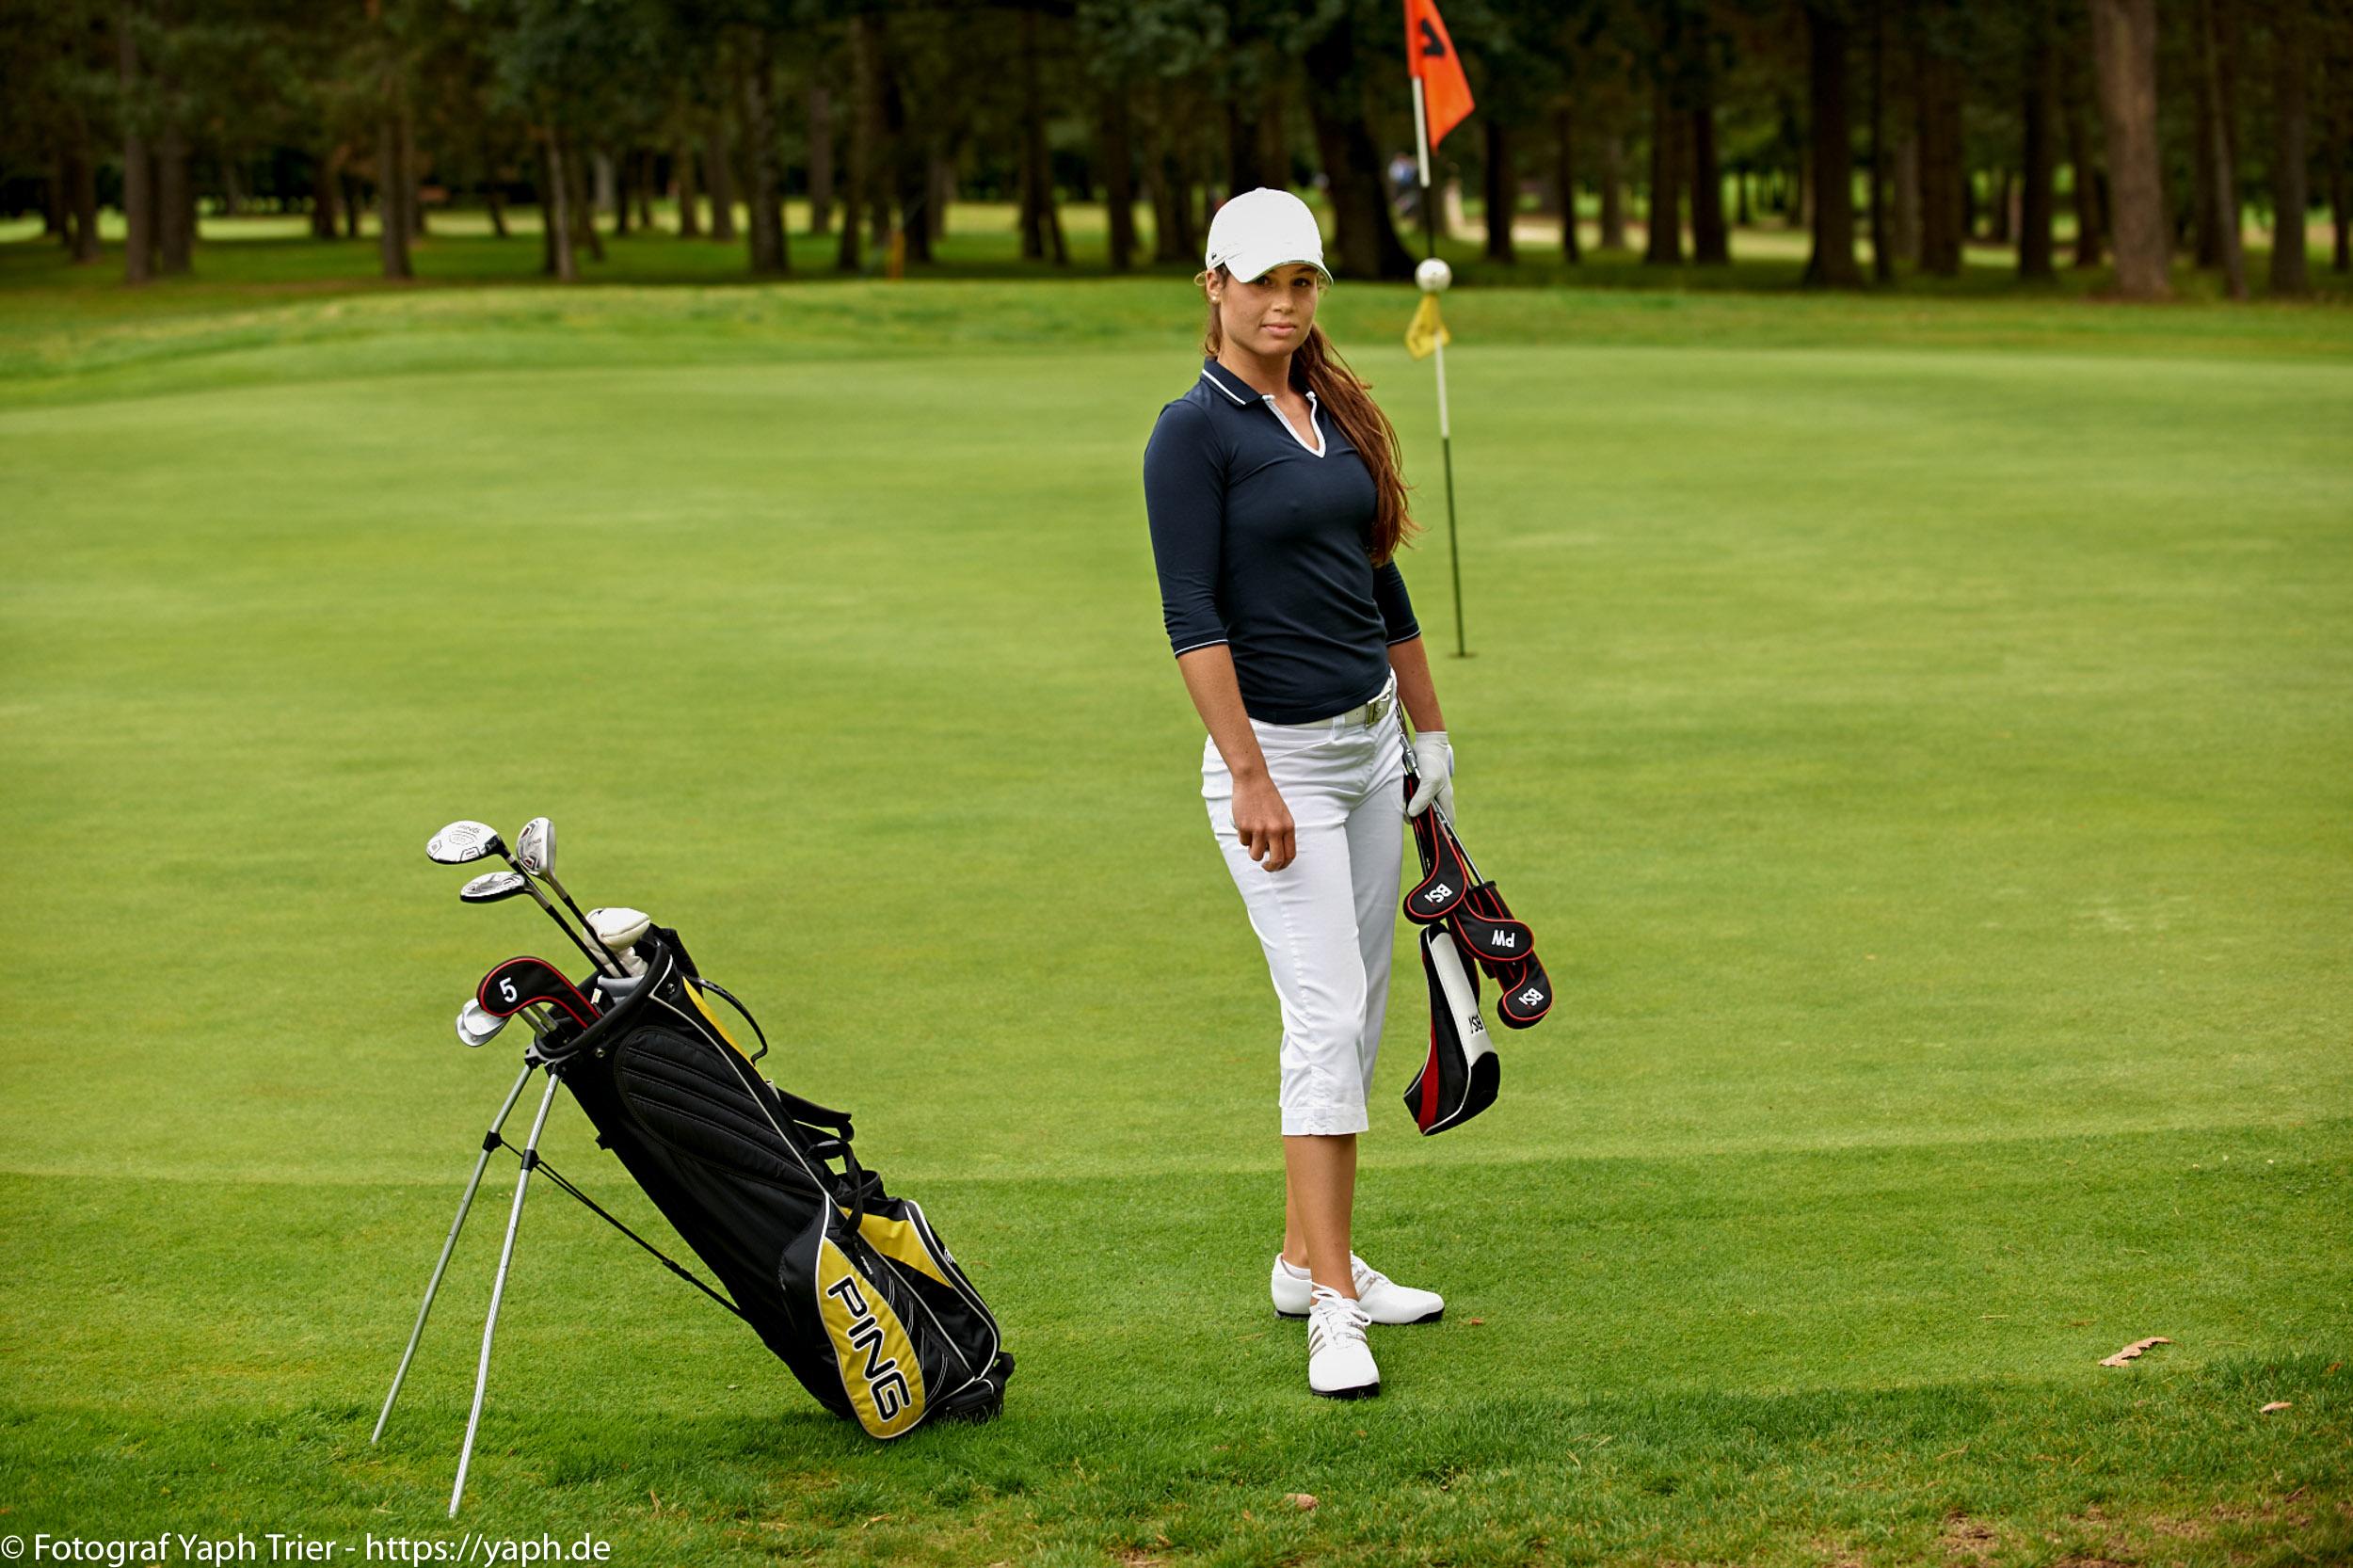 Liebelei Elena Lawrence - luxemburger Golfspielerin bei Fotograf Yaph - 14